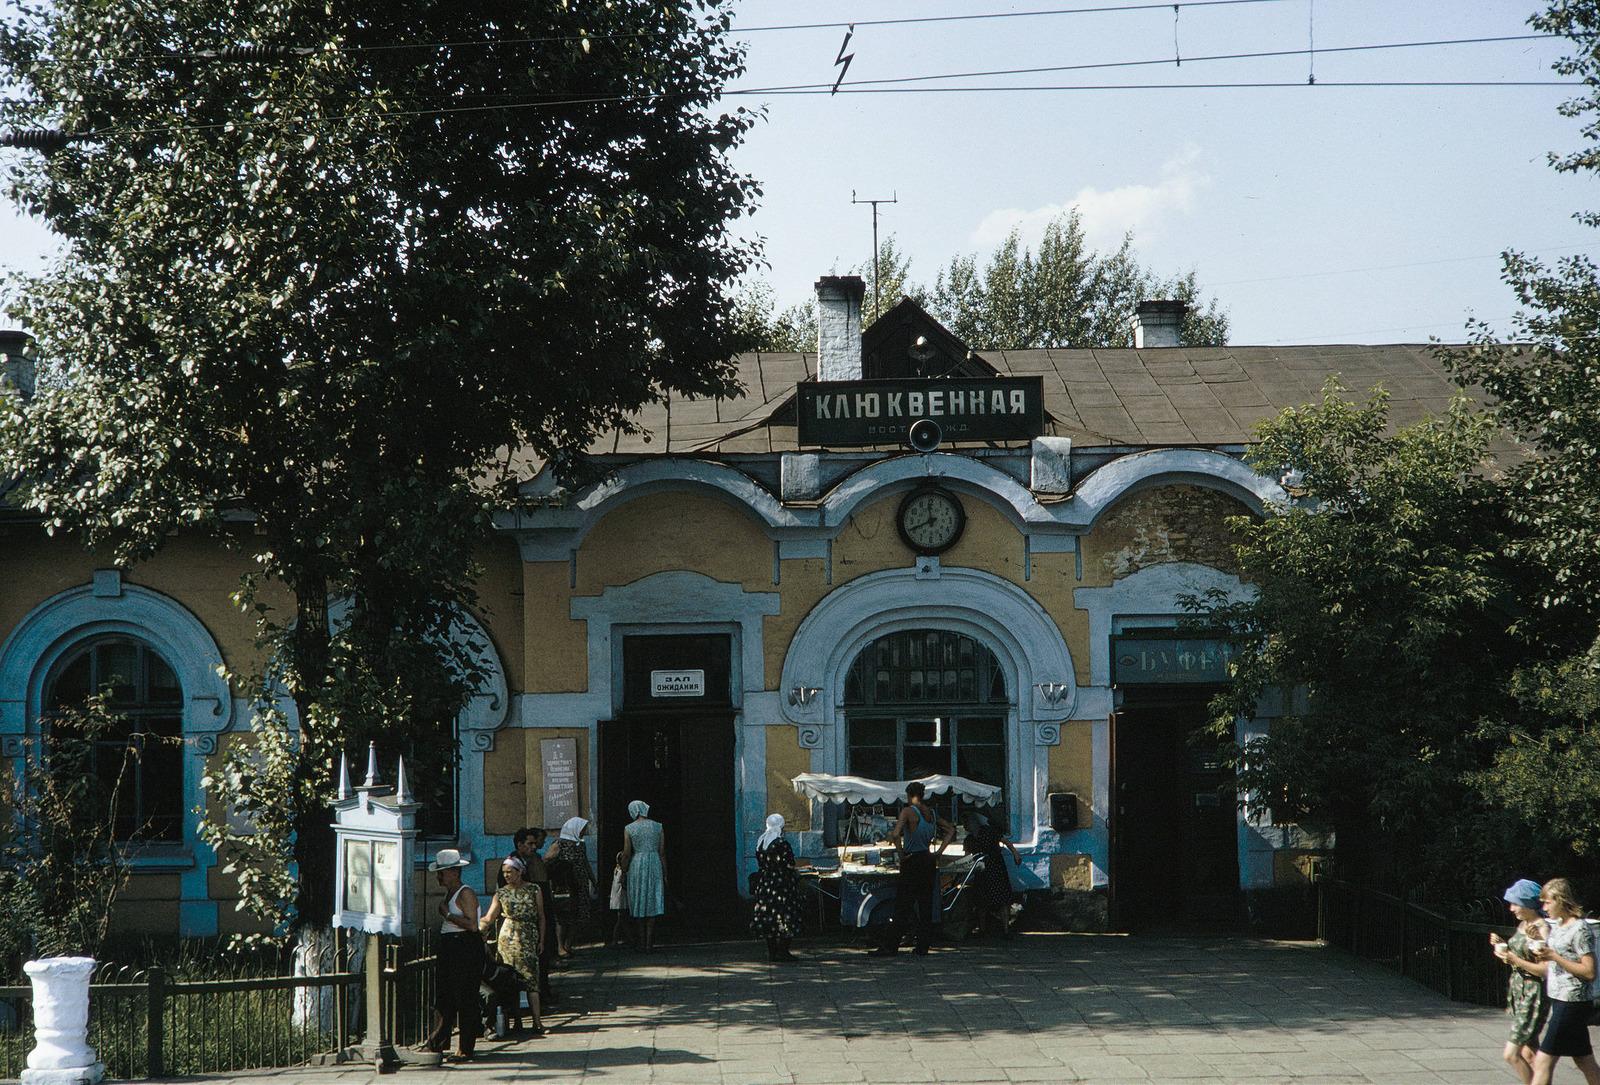 Красноярский край. Станция Клюквенная